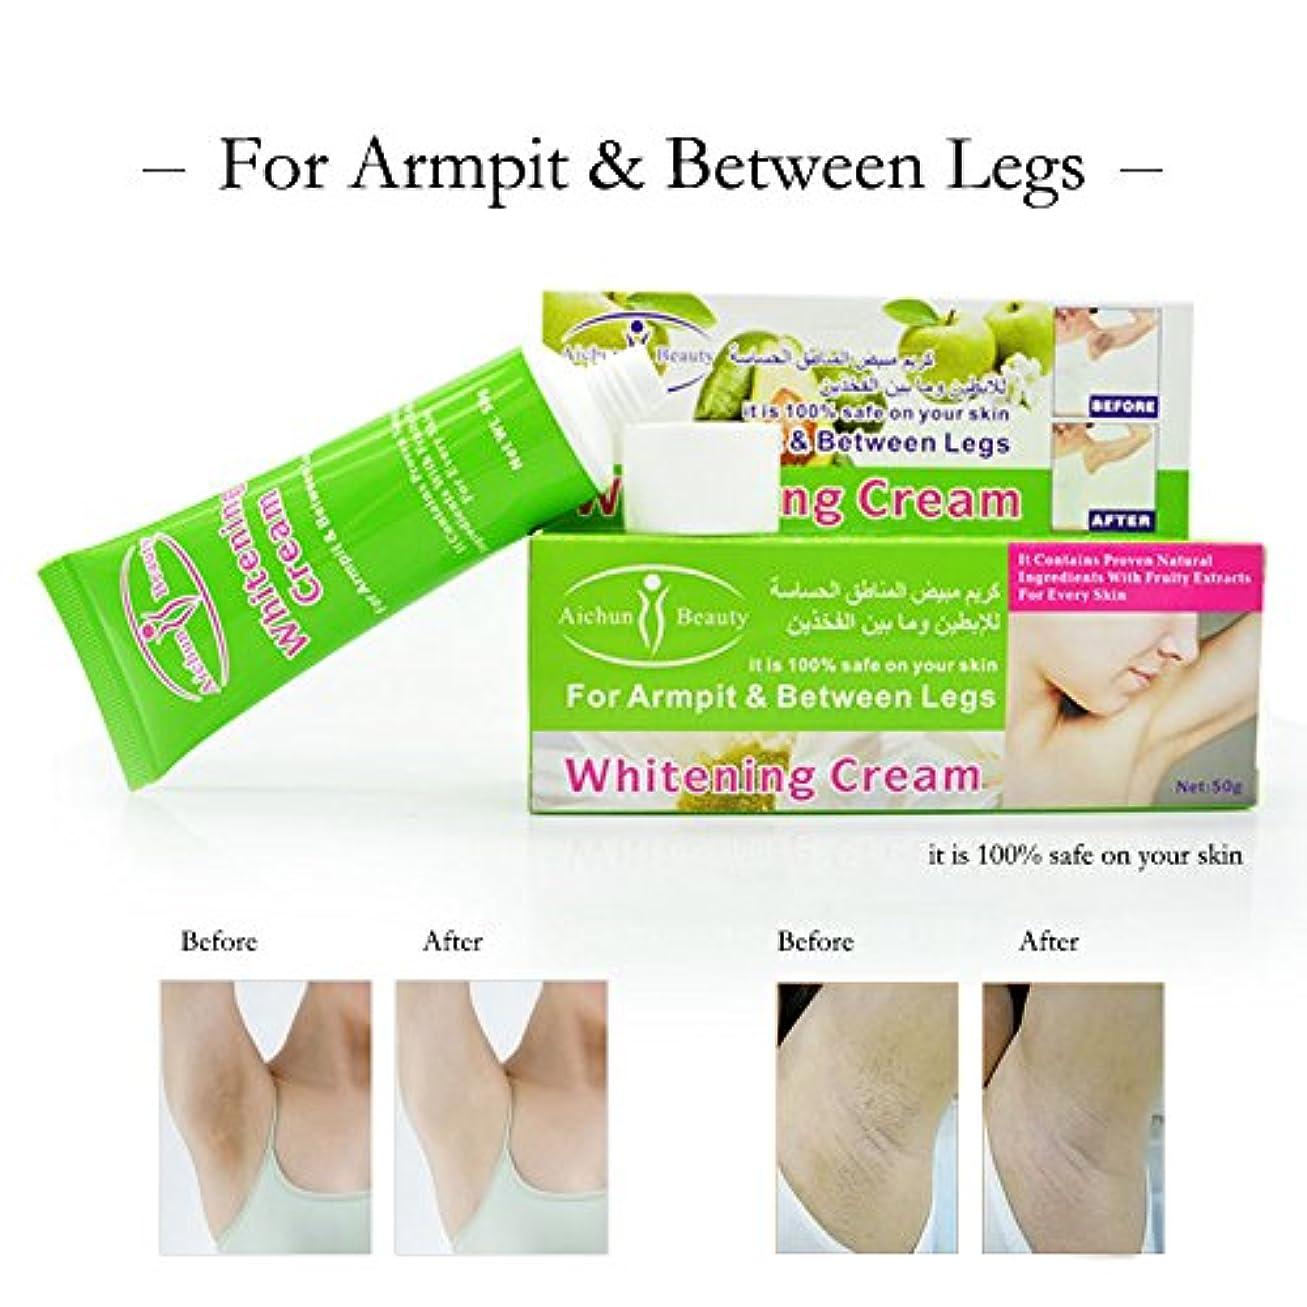 窒素フェッチトロリーボディダークライトニング膝の保湿のためのLanthome Aichun脇の下脇の下寧漂白クリーム